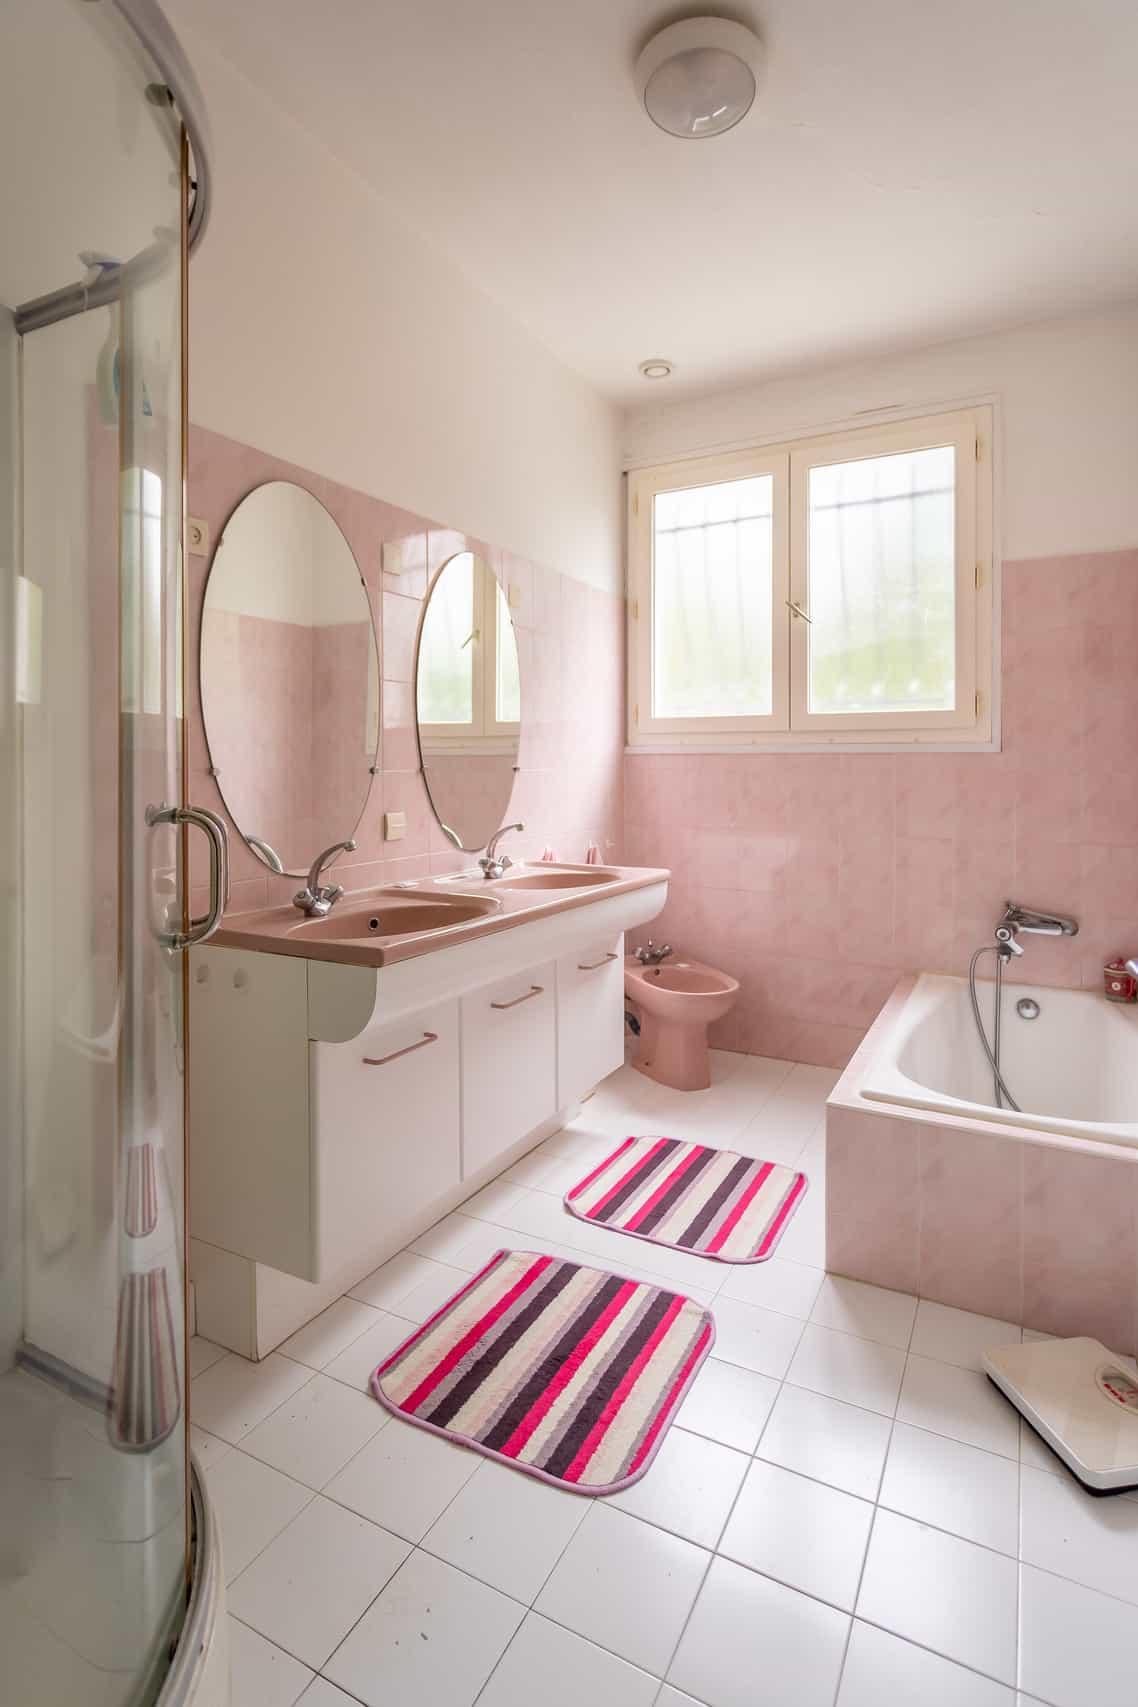 Bathroom-47011